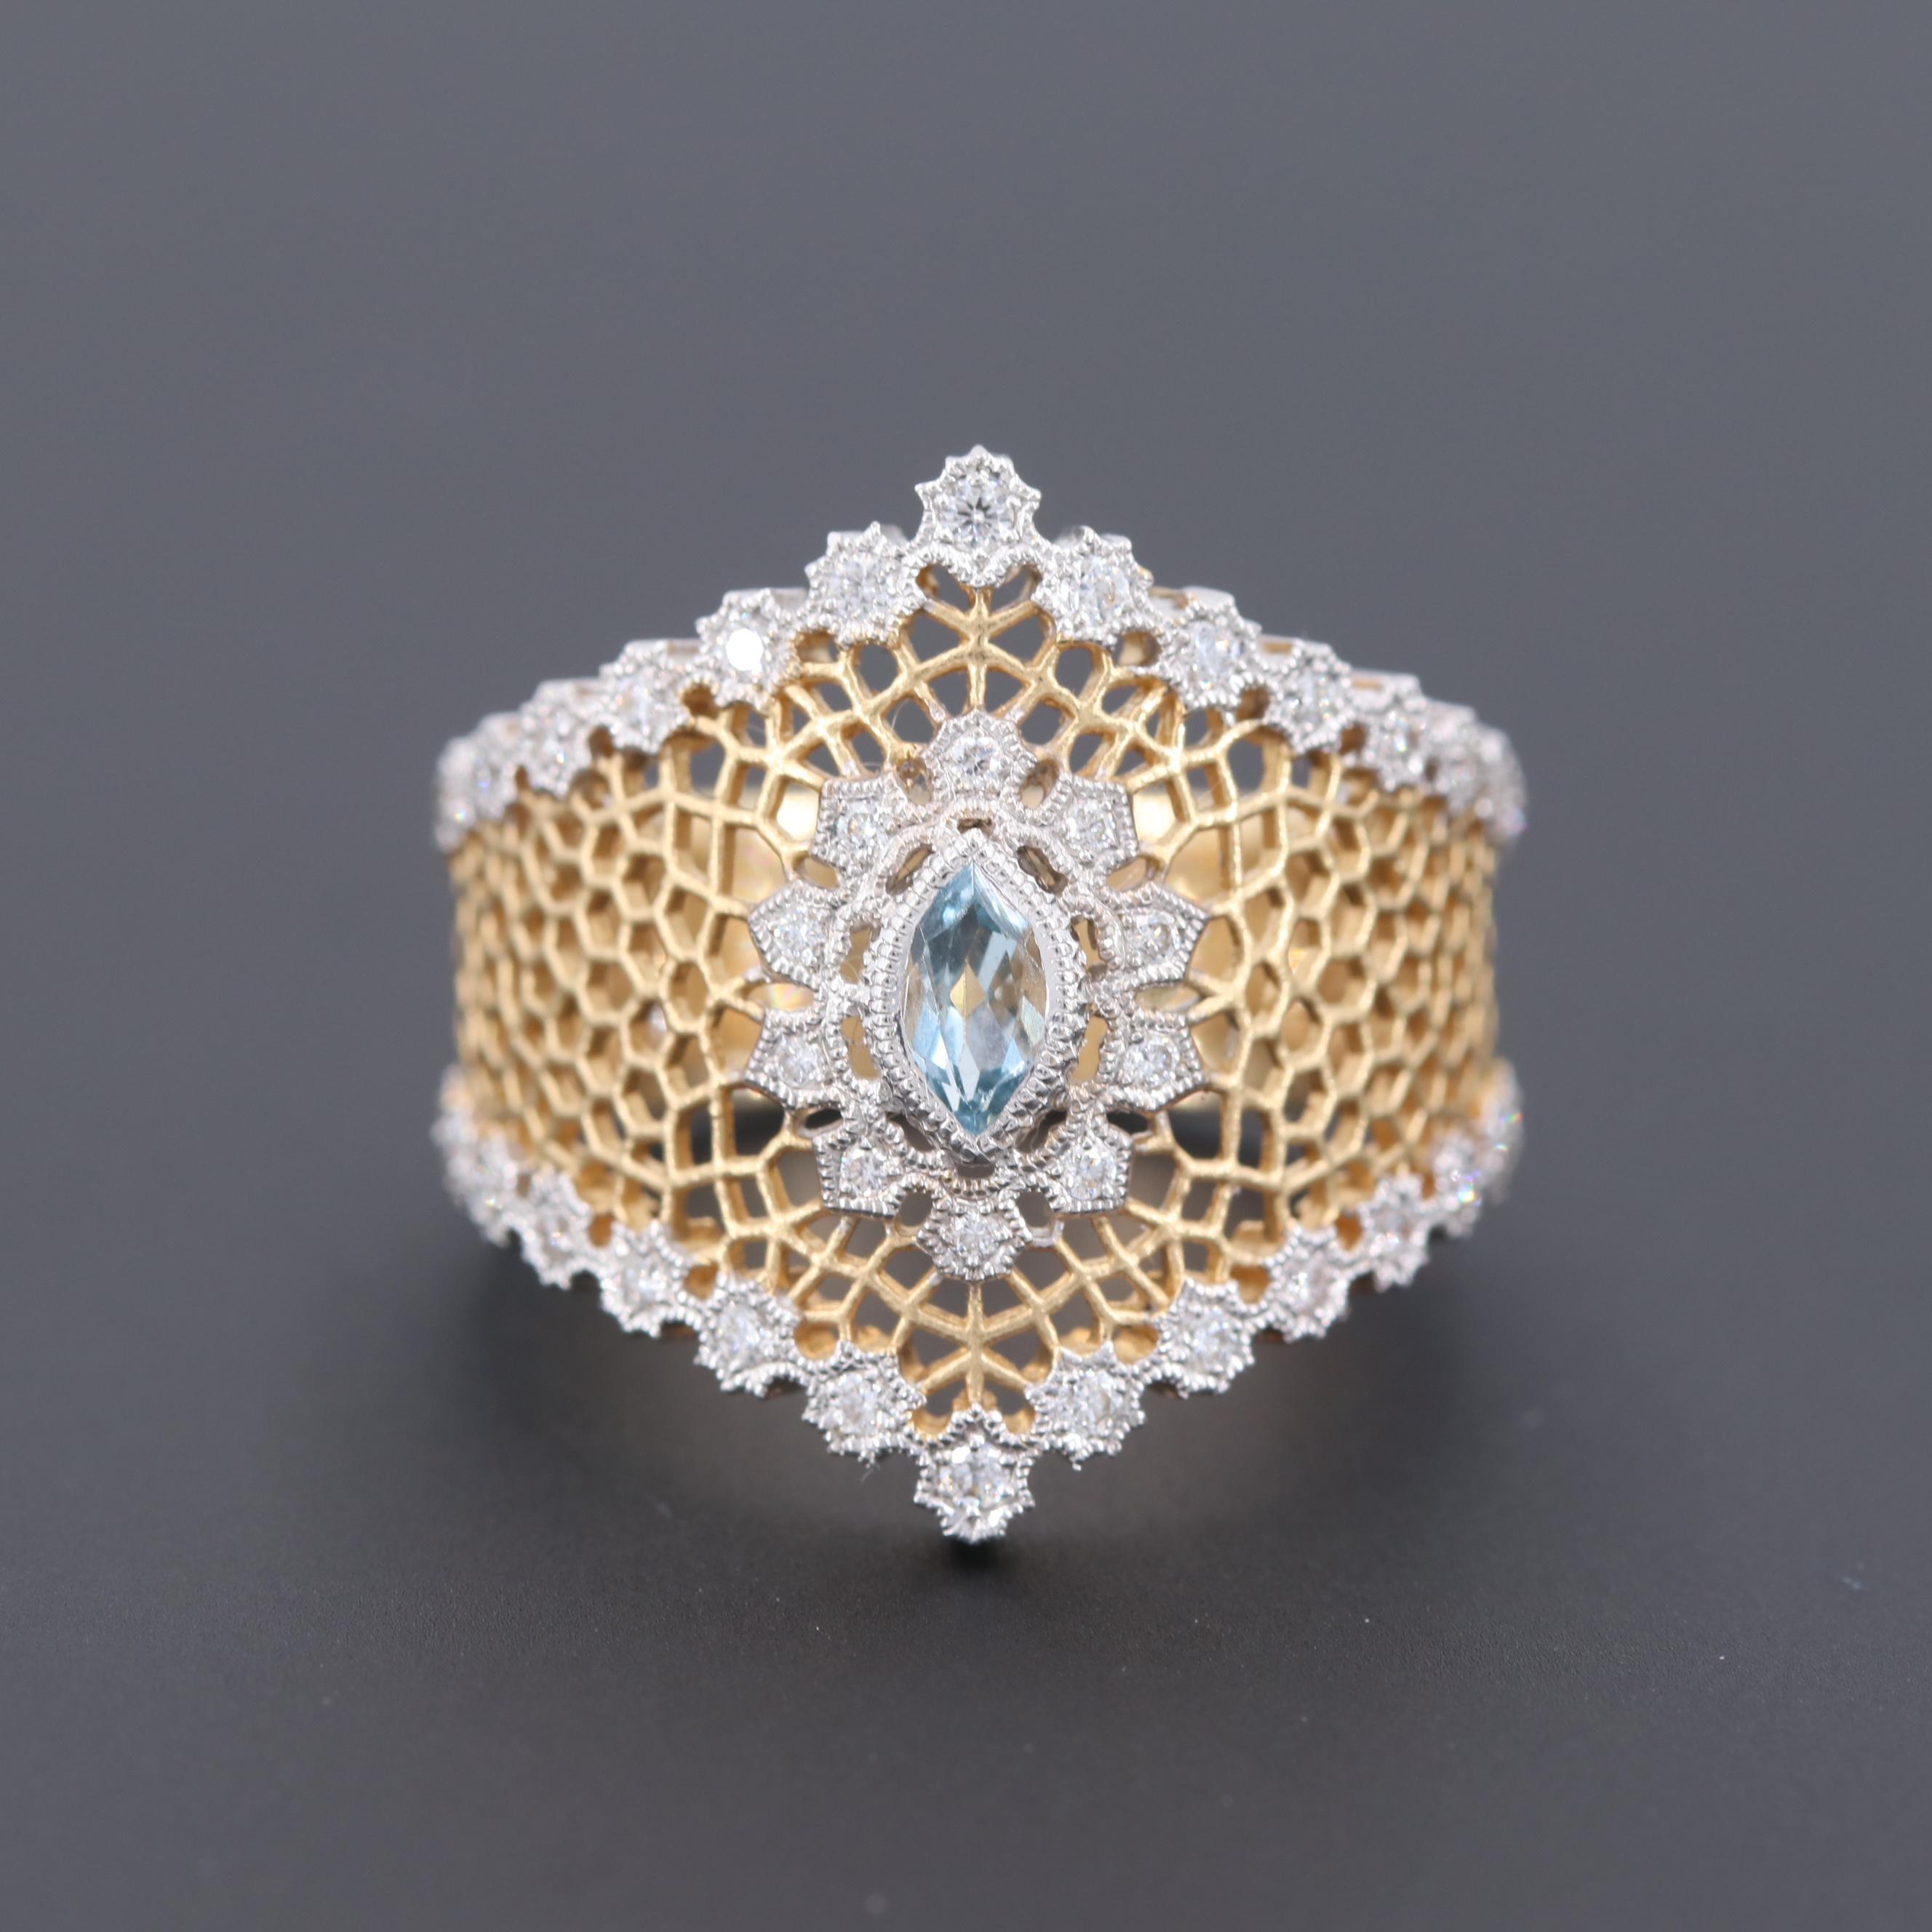 Beverly K. 18K Yellow Gold Aquamarine and Diamond Ring